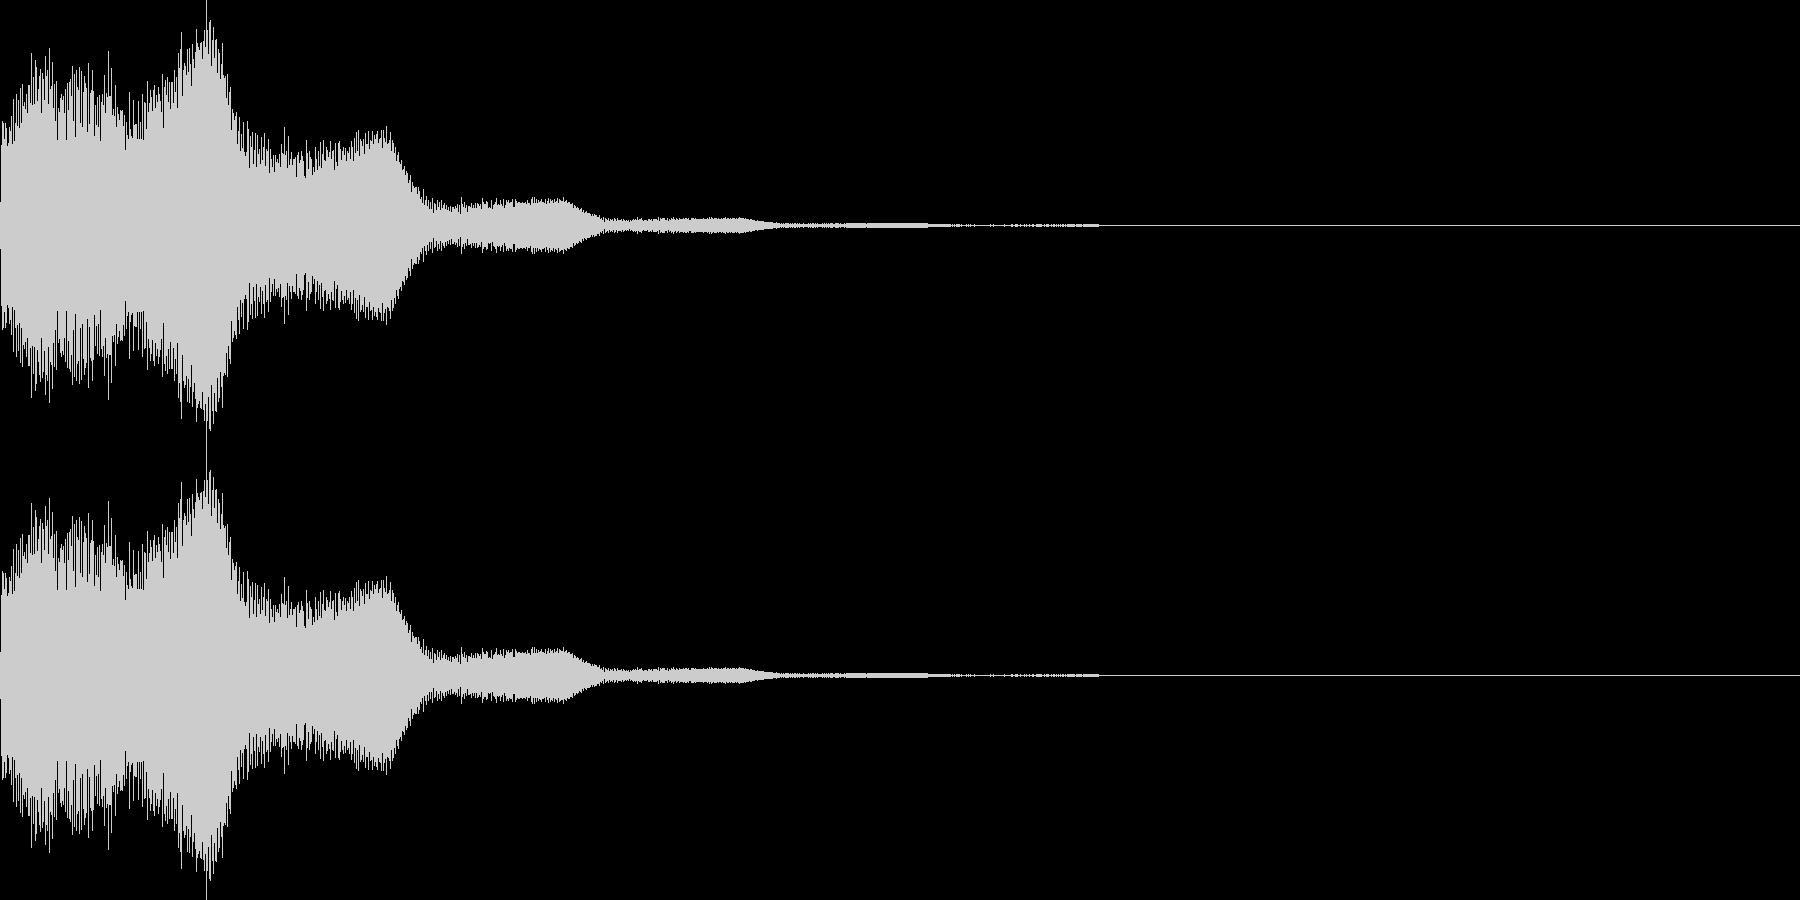 キラン(星、ボタン、決定、ボタン)の未再生の波形